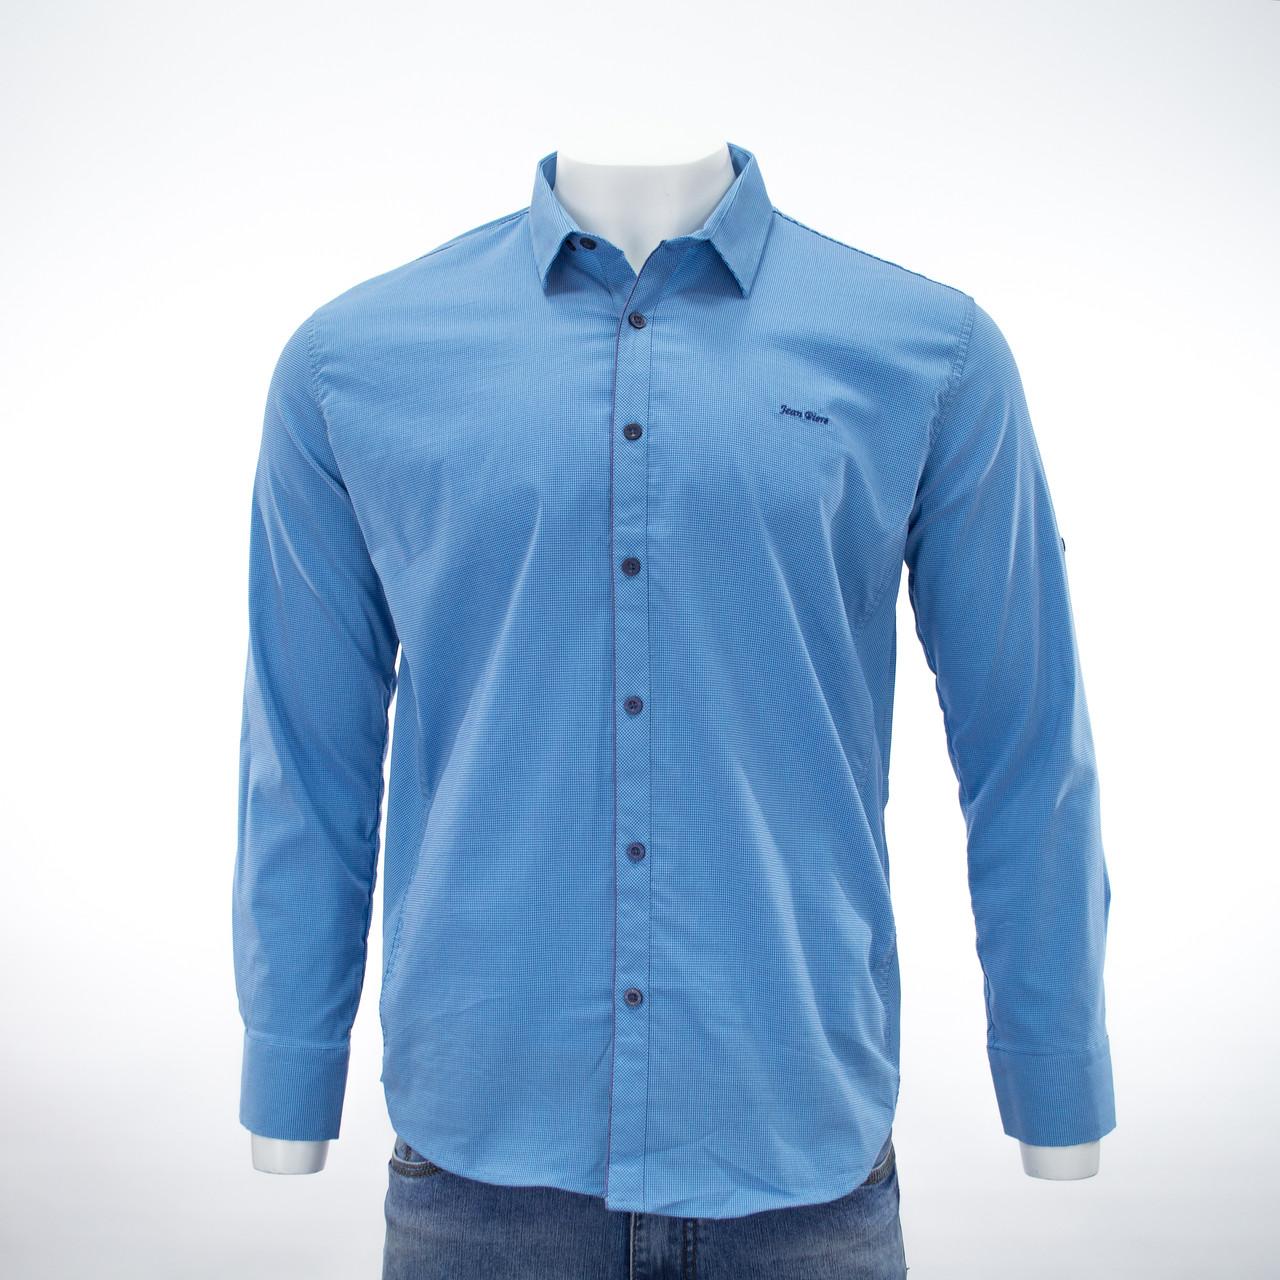 Сорочка чоловіча, приталена (Slim Fit), з довгим рукавом Bagarda JP4810 TURQUOISE 93% бавовна 7% еластан L(Р)